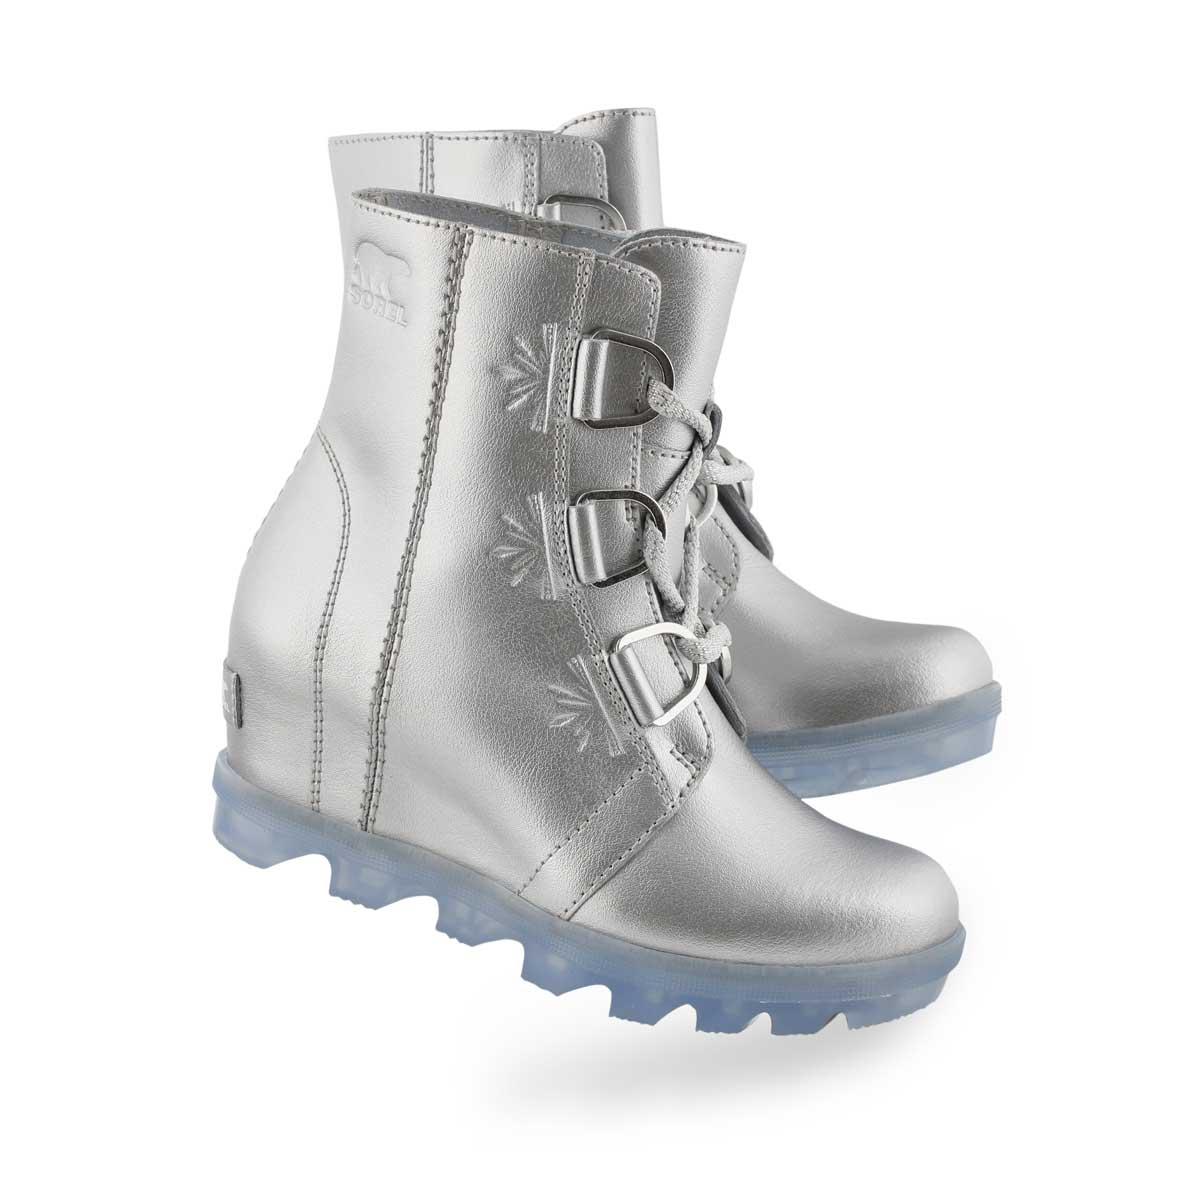 Grls Disney JOA Wedge II sil casual boot